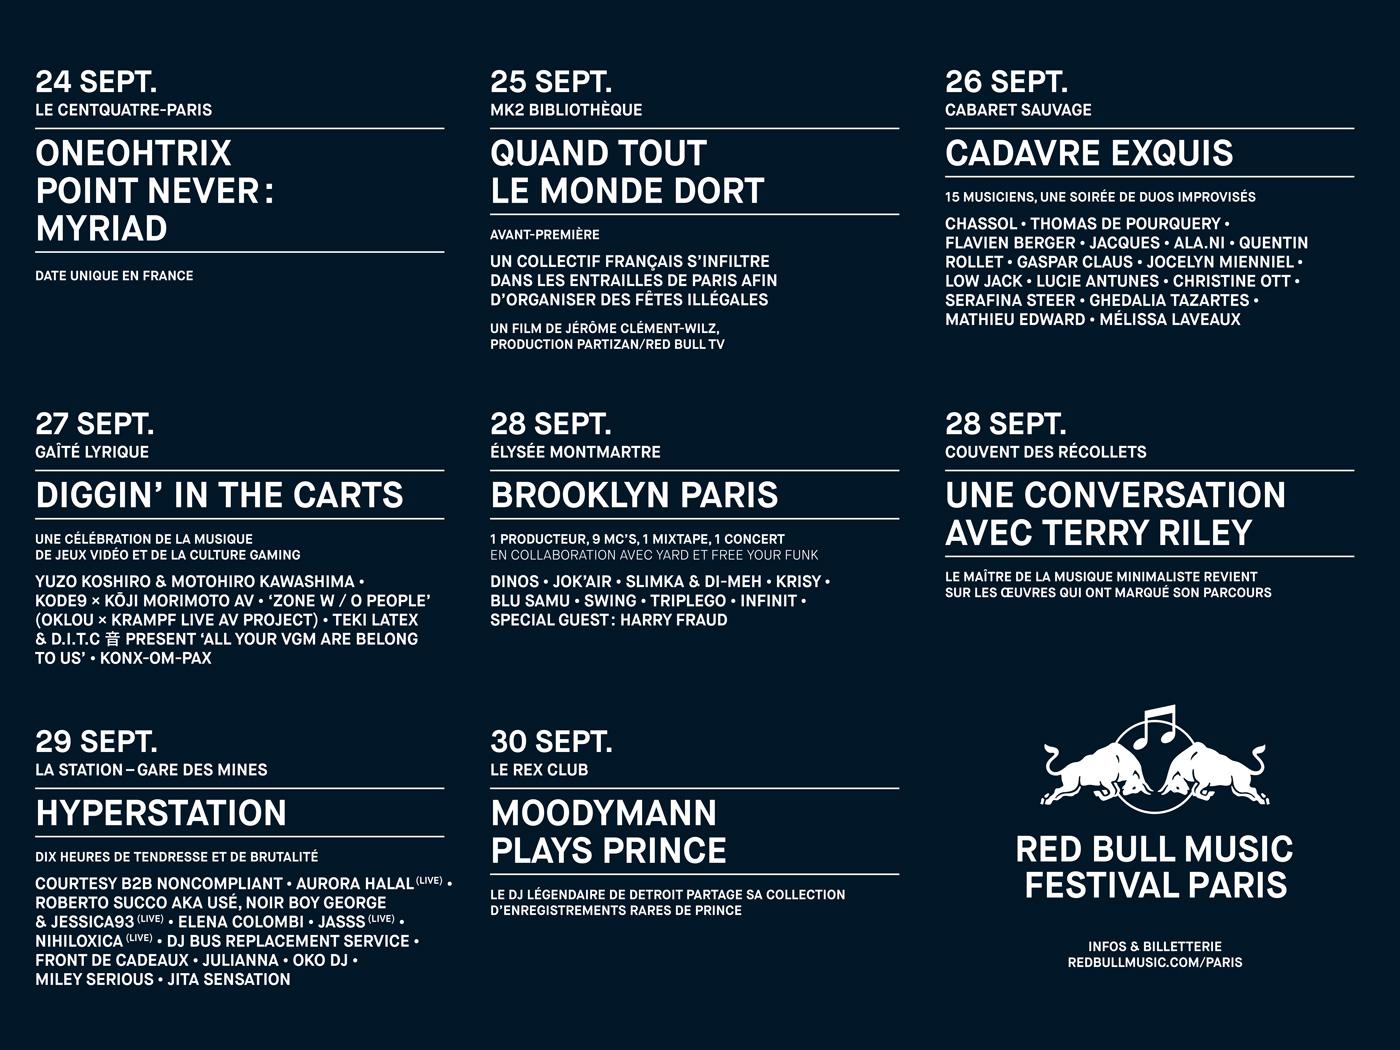 harry-fraud-red-bull-music-festival-yard-1